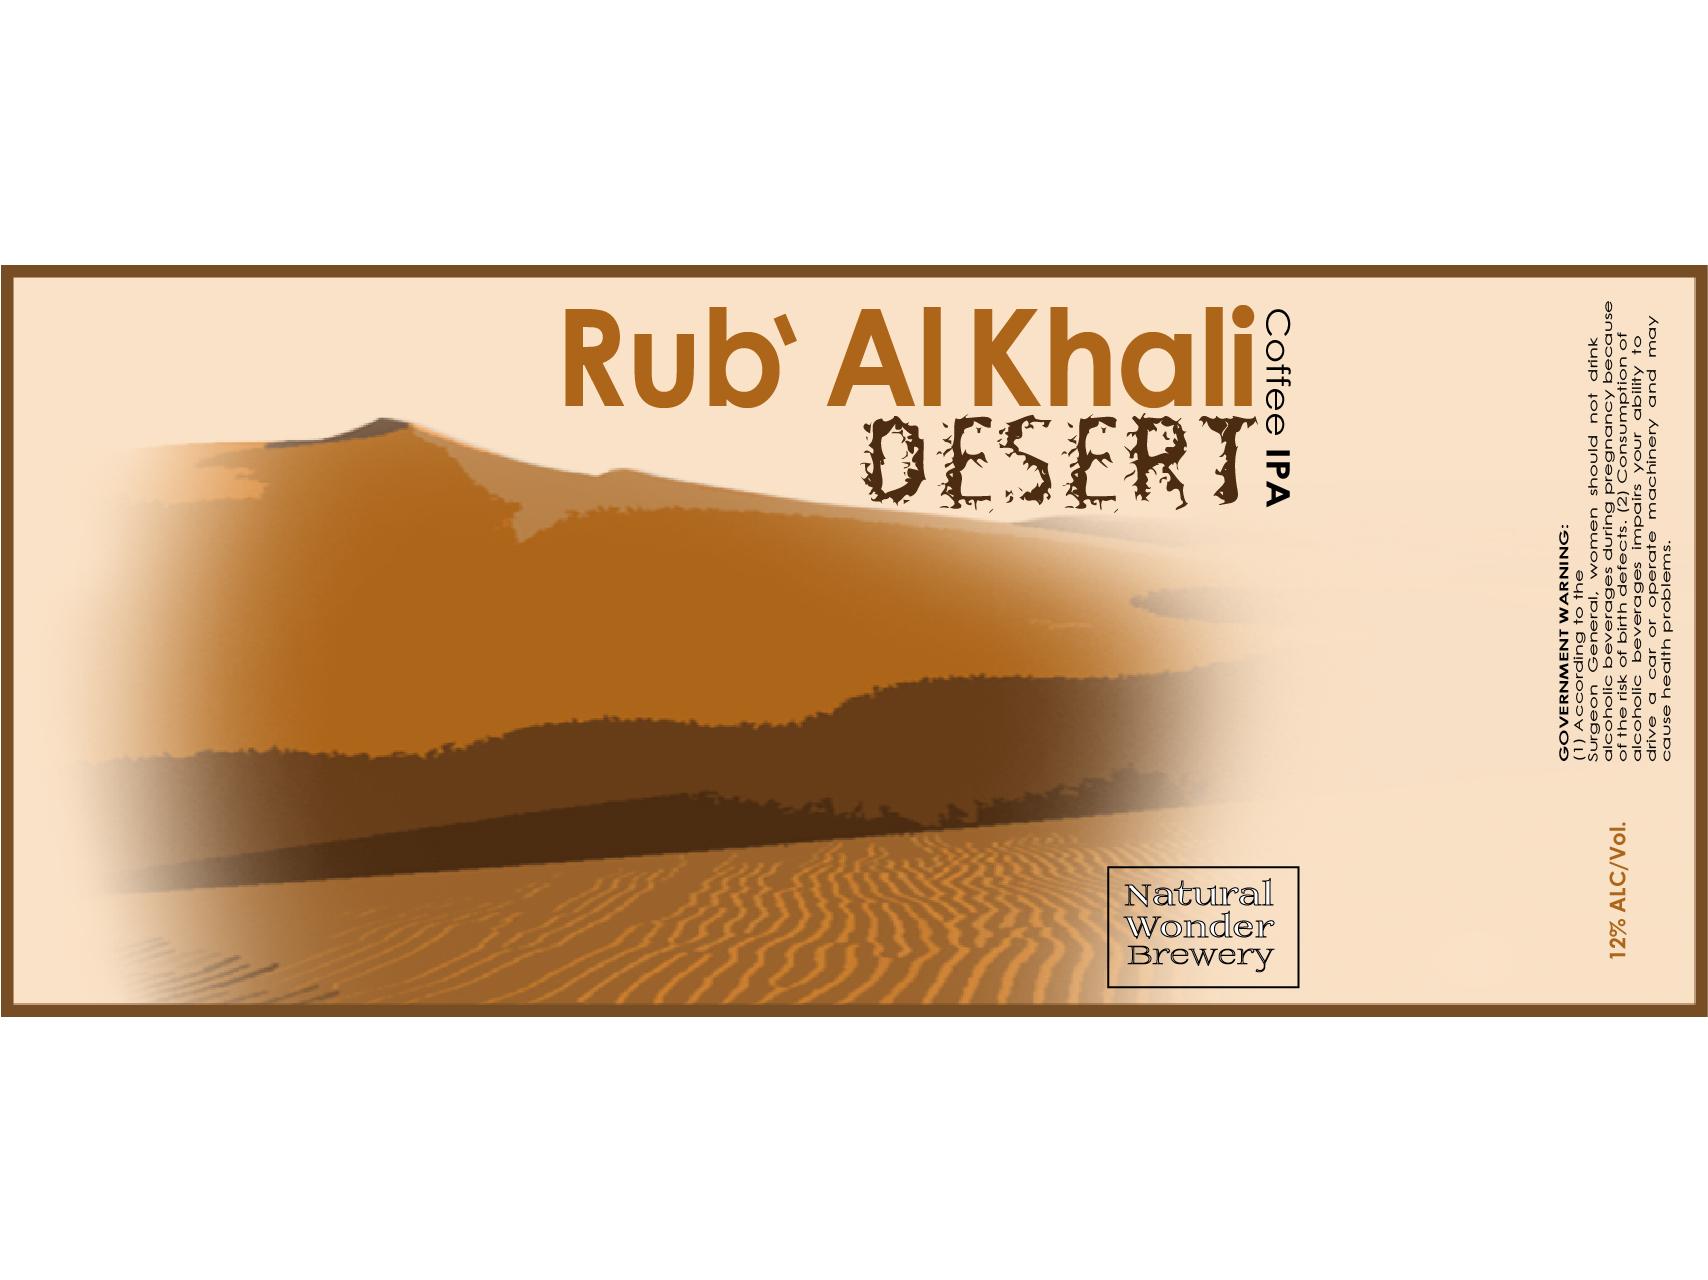 RubAlKhaliDesert-01.jpg